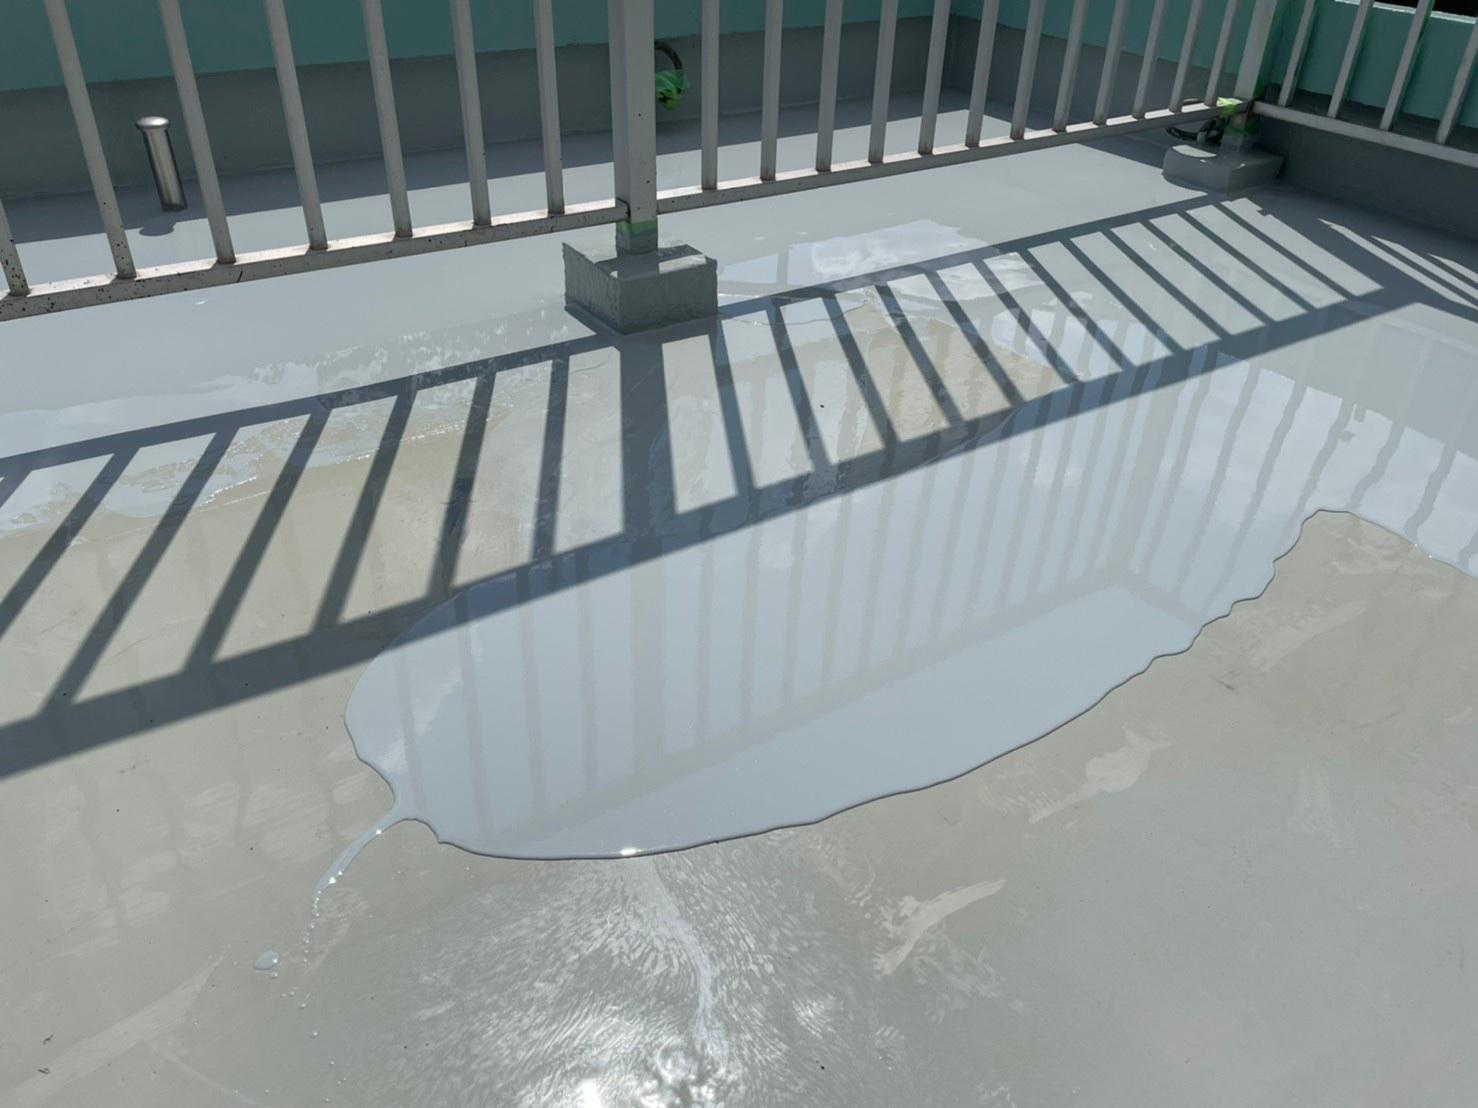 東京都調布市Hマンション大規模改修工事 ウレタン防水通気緩衝工法